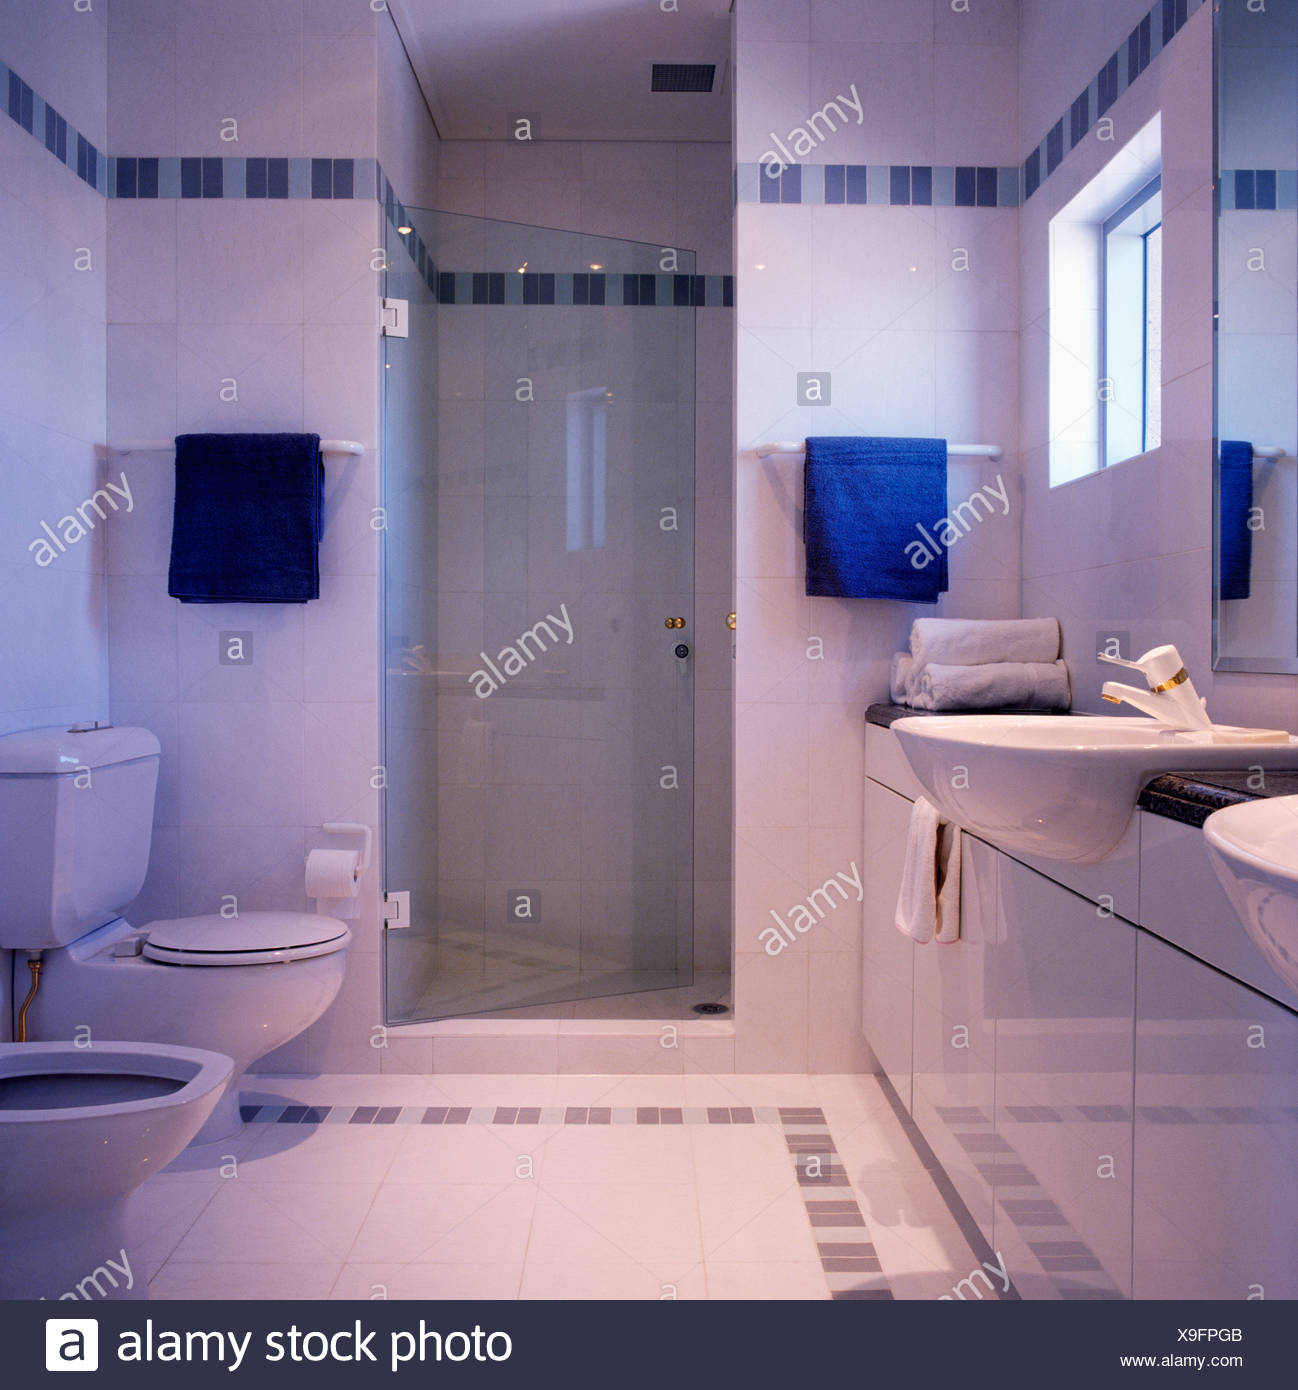 Piastrelle bagno bianco e blu il piastrelle bagno bianche per davvero with piastrelle bagno - Bagno bianco e blu ...